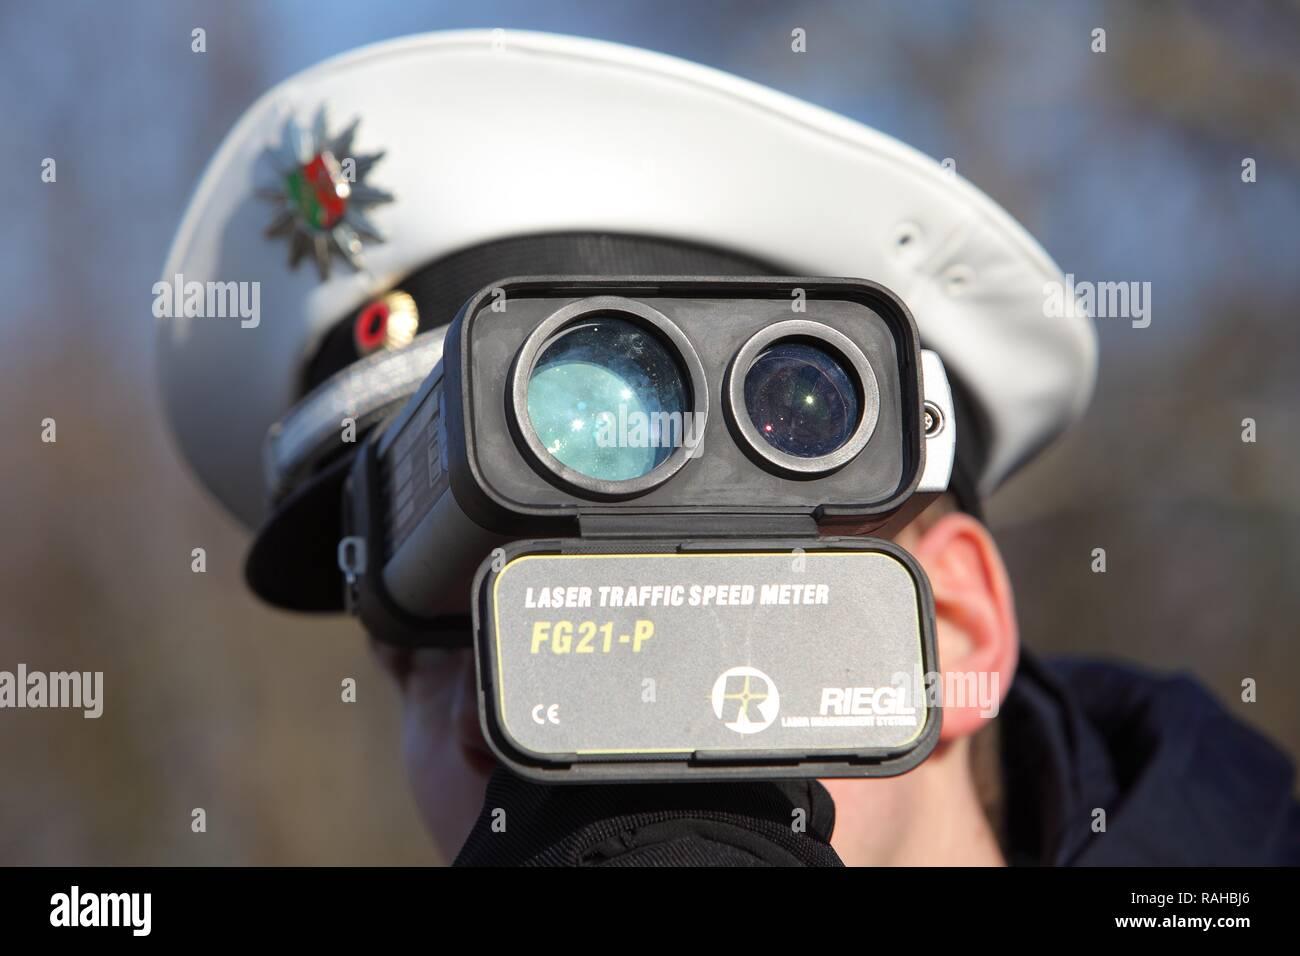 Laser Entfernungsmesser Keyence : Laser entfernungsmesser keyence: sensor in sonstige industrie